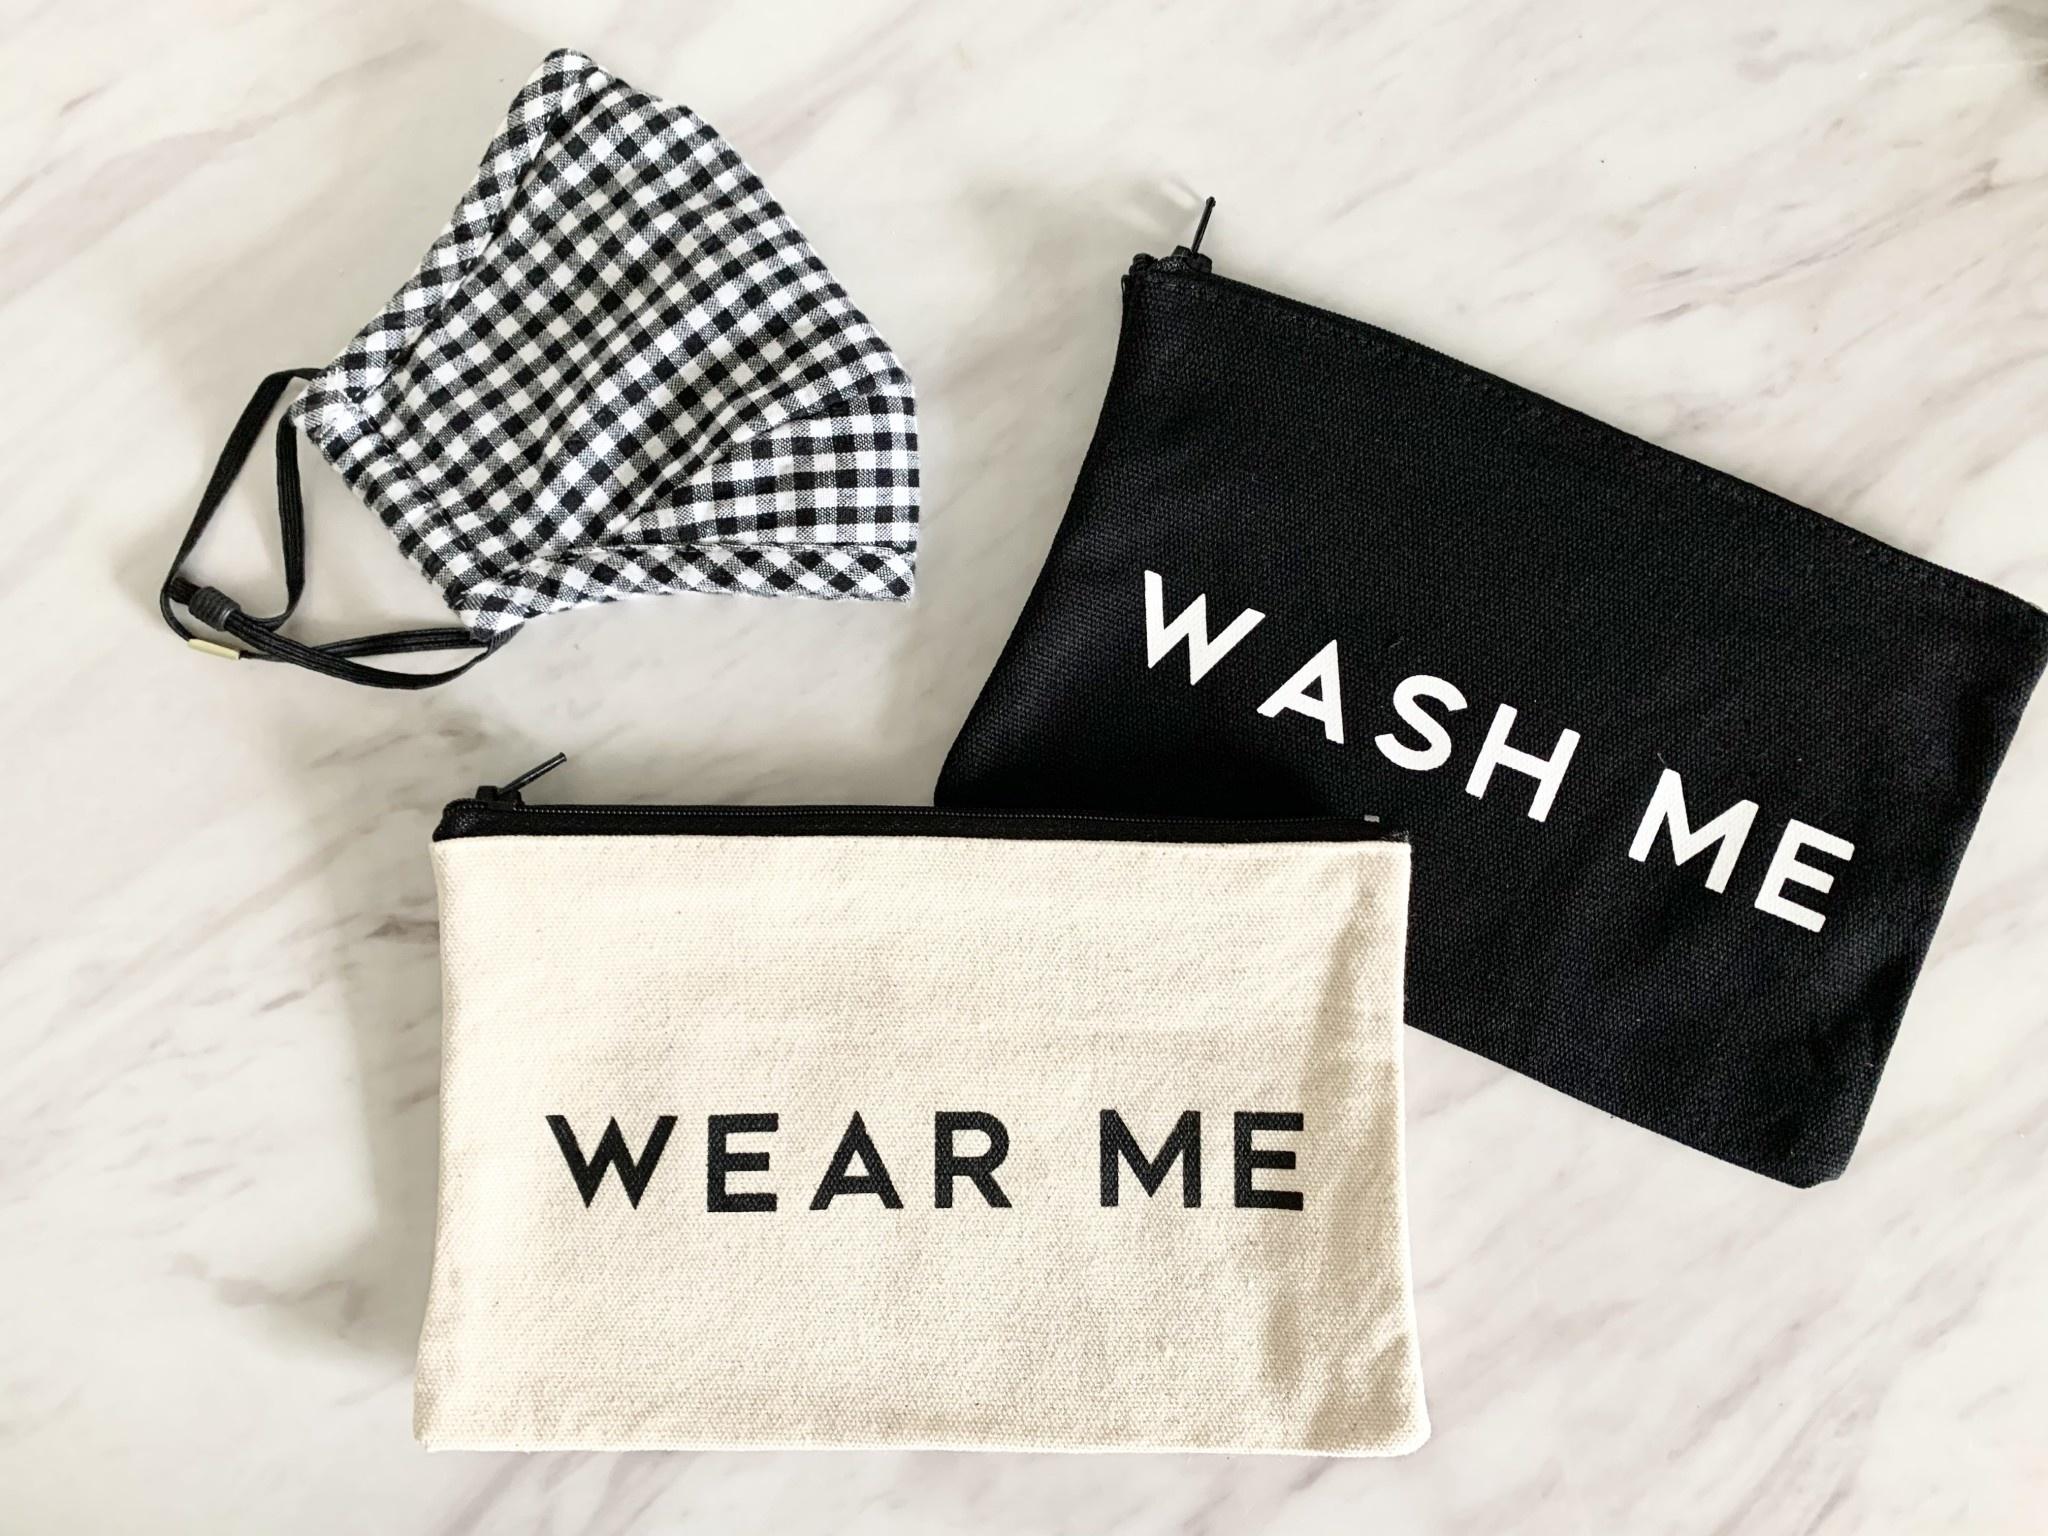 Wash Me & Wear Me - Face Mask Pouches